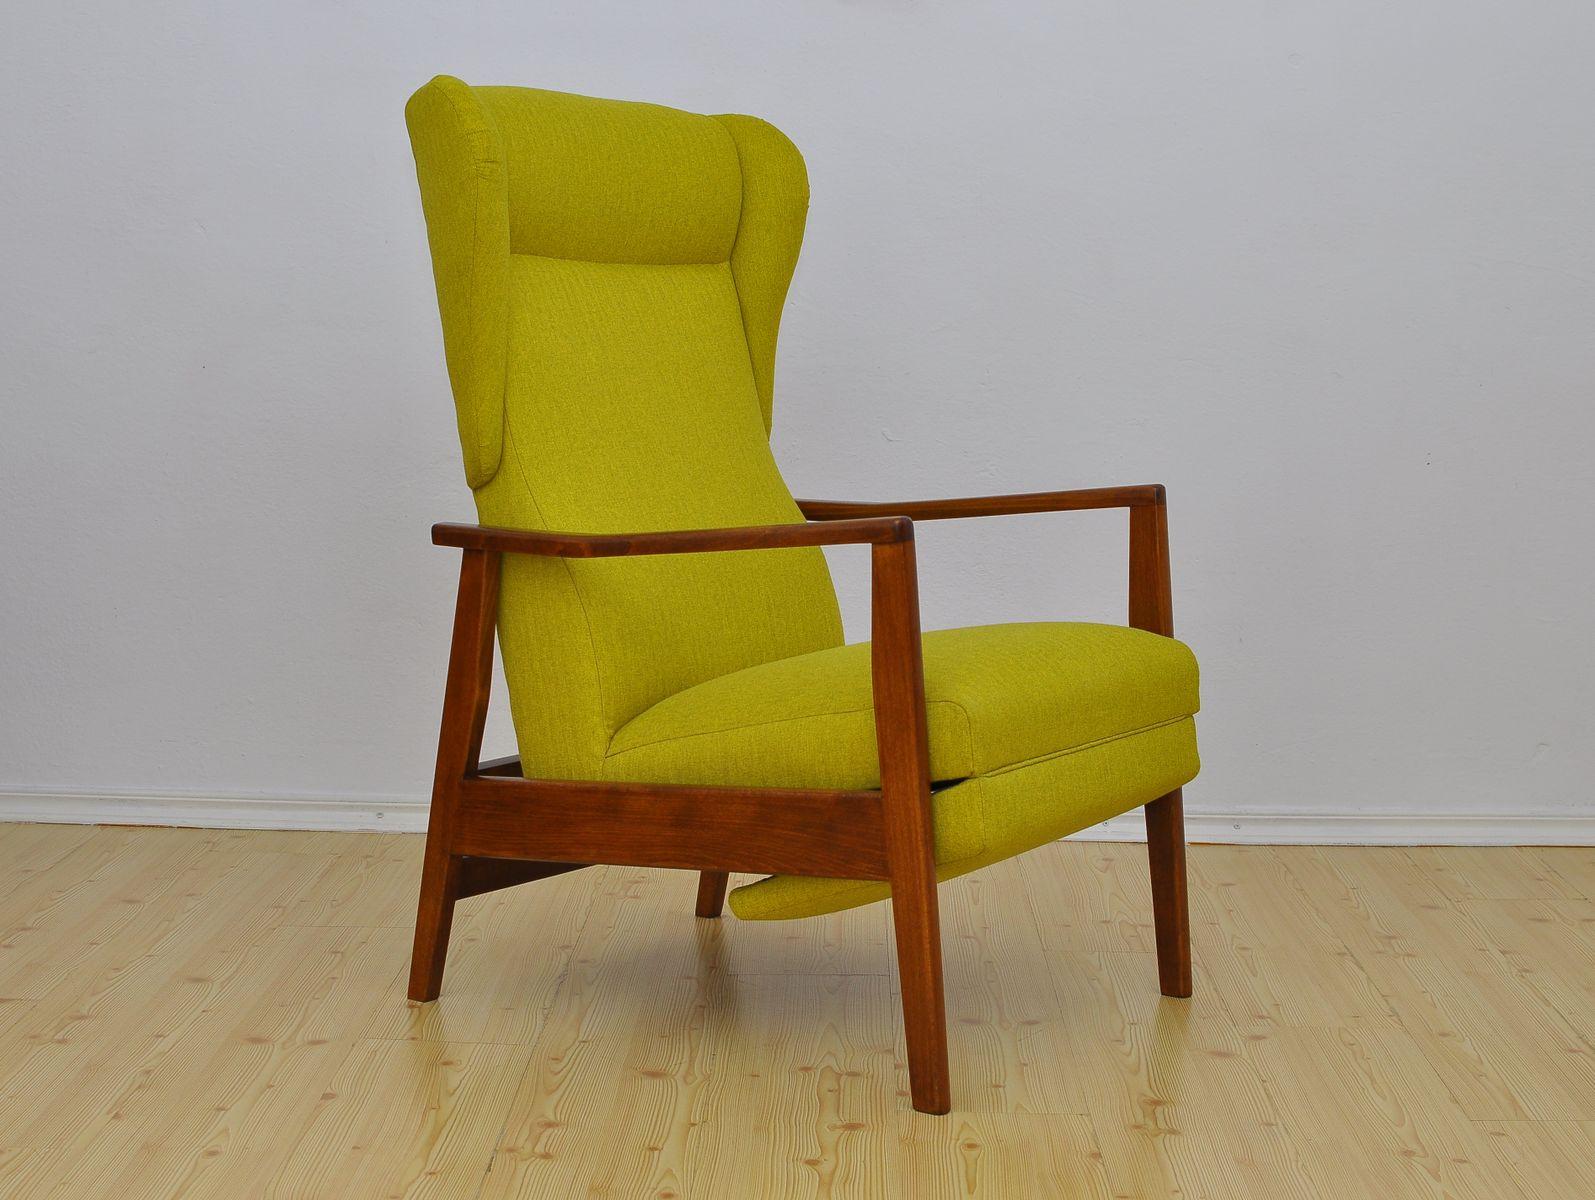 Sessel mit klappbarer Fußstütze, 1960er